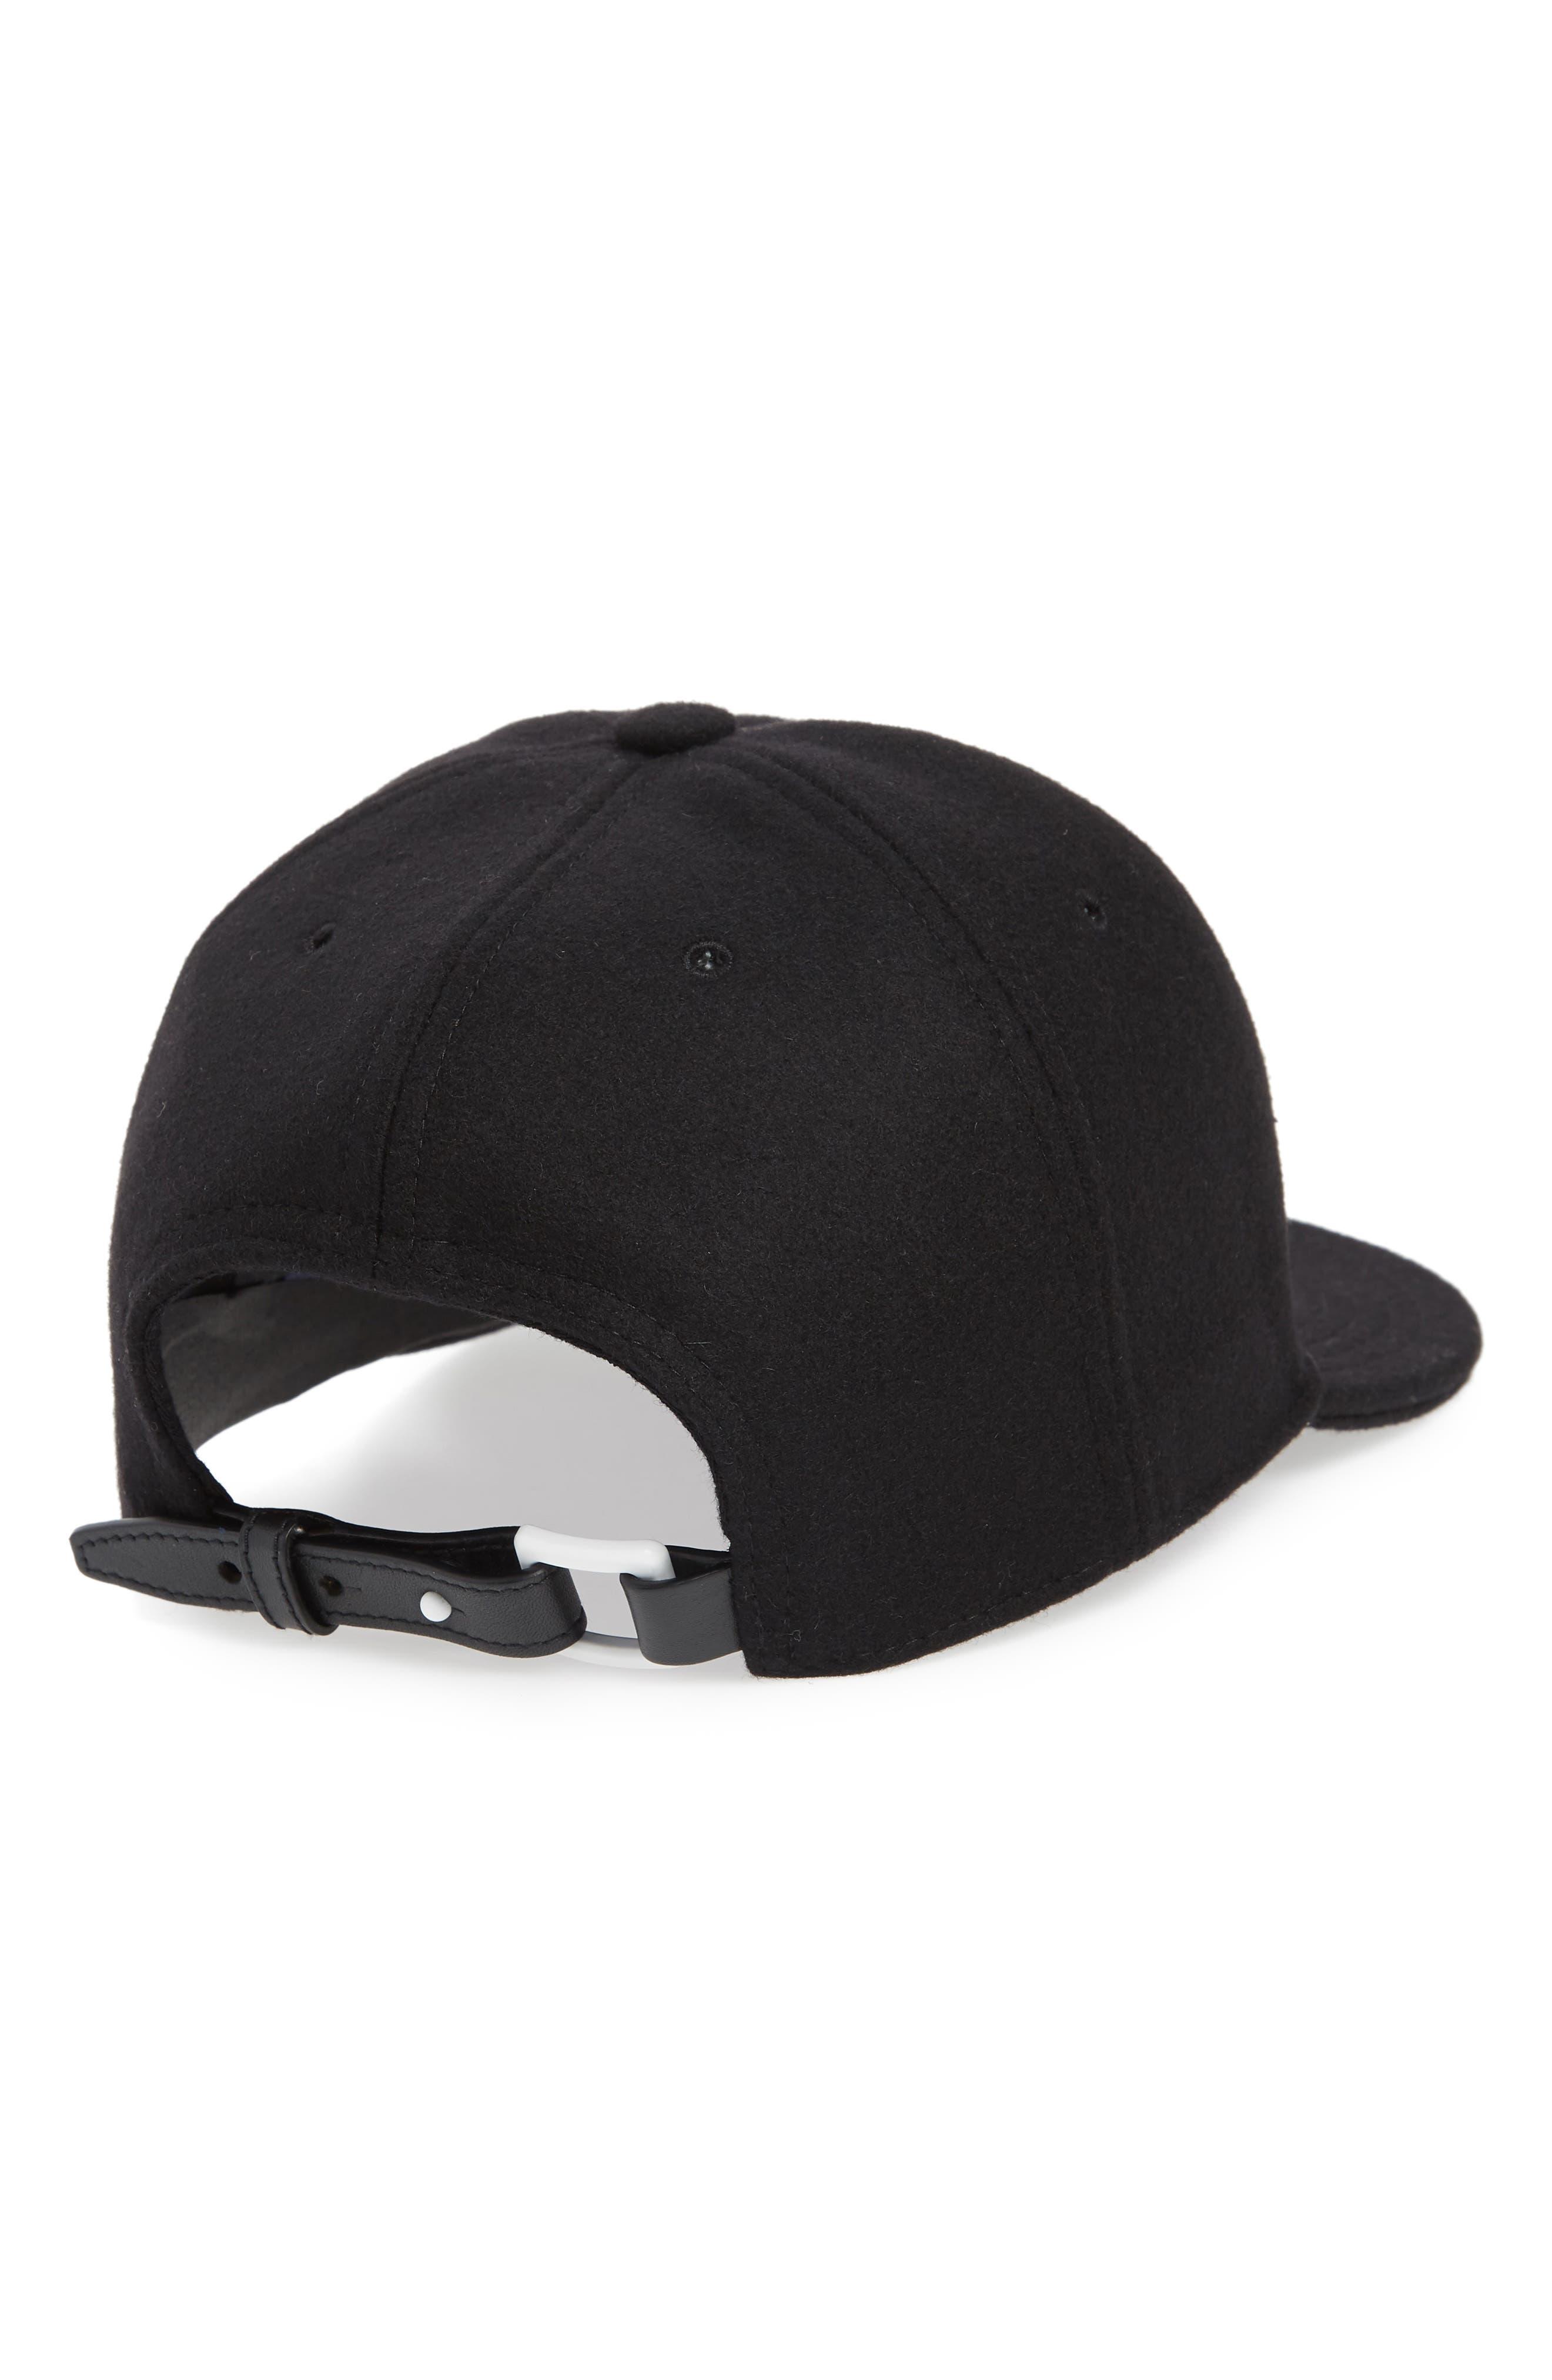 VALENTION GARAVANI VLTN Baseball Cap,                             Alternate thumbnail 2, color,                             BLACK